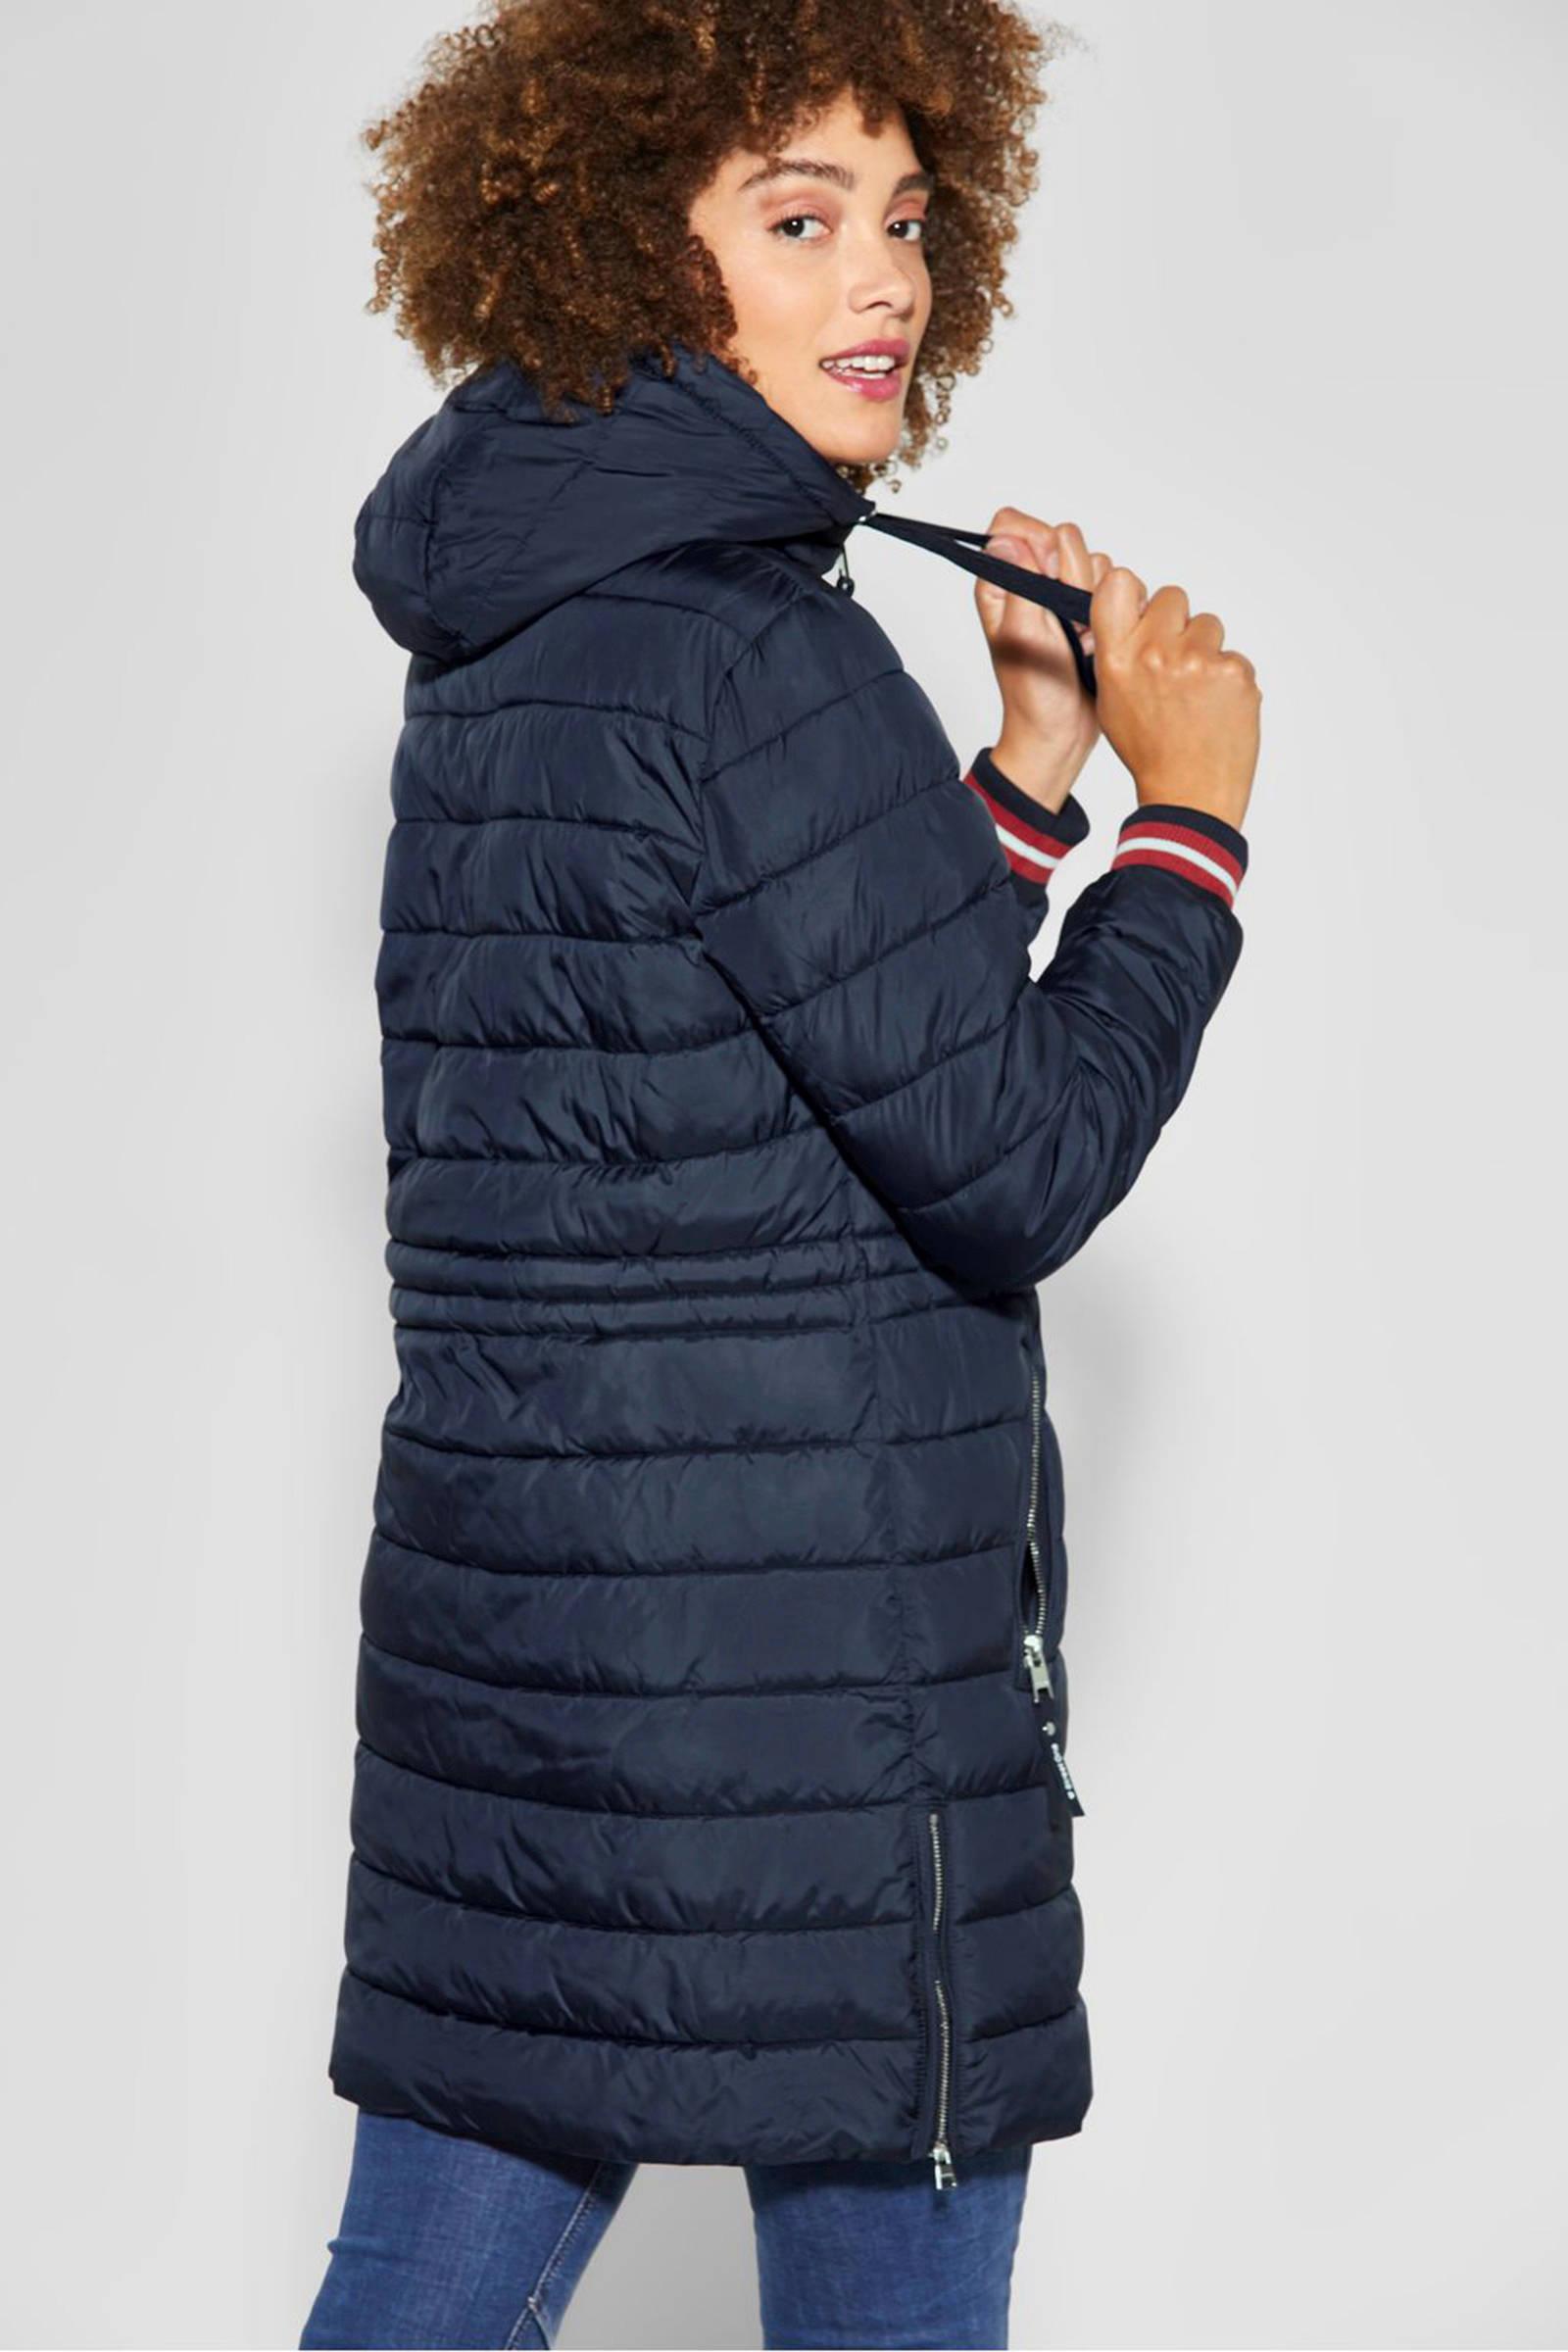 winterjas donkerblauwroodwit